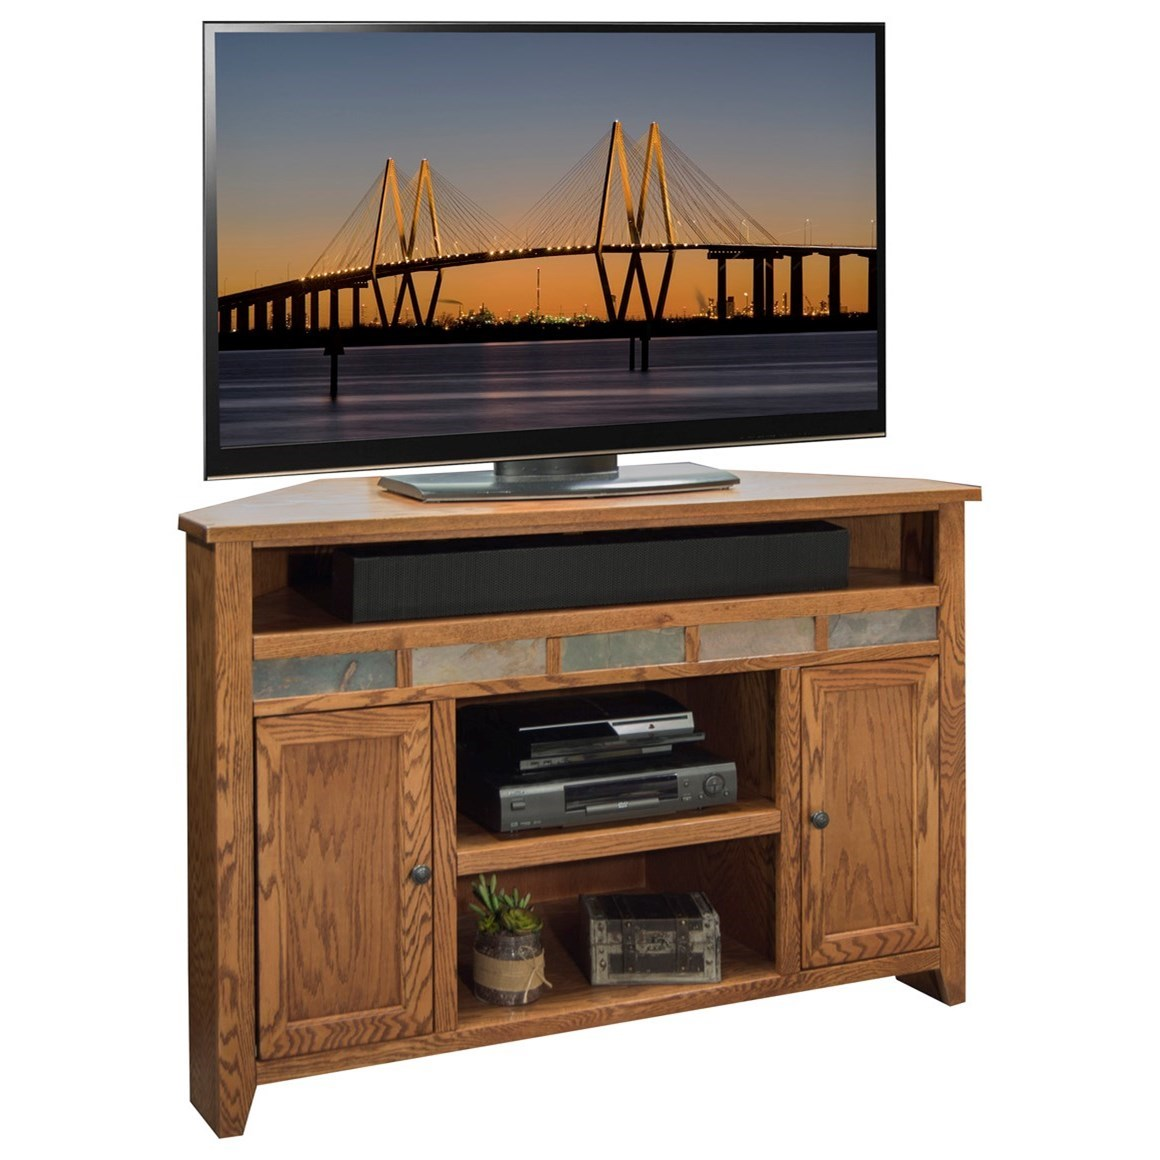 Legends Furniture Oak Creek Oc1512 Gdo Rustic 56 Corner Tv Cart